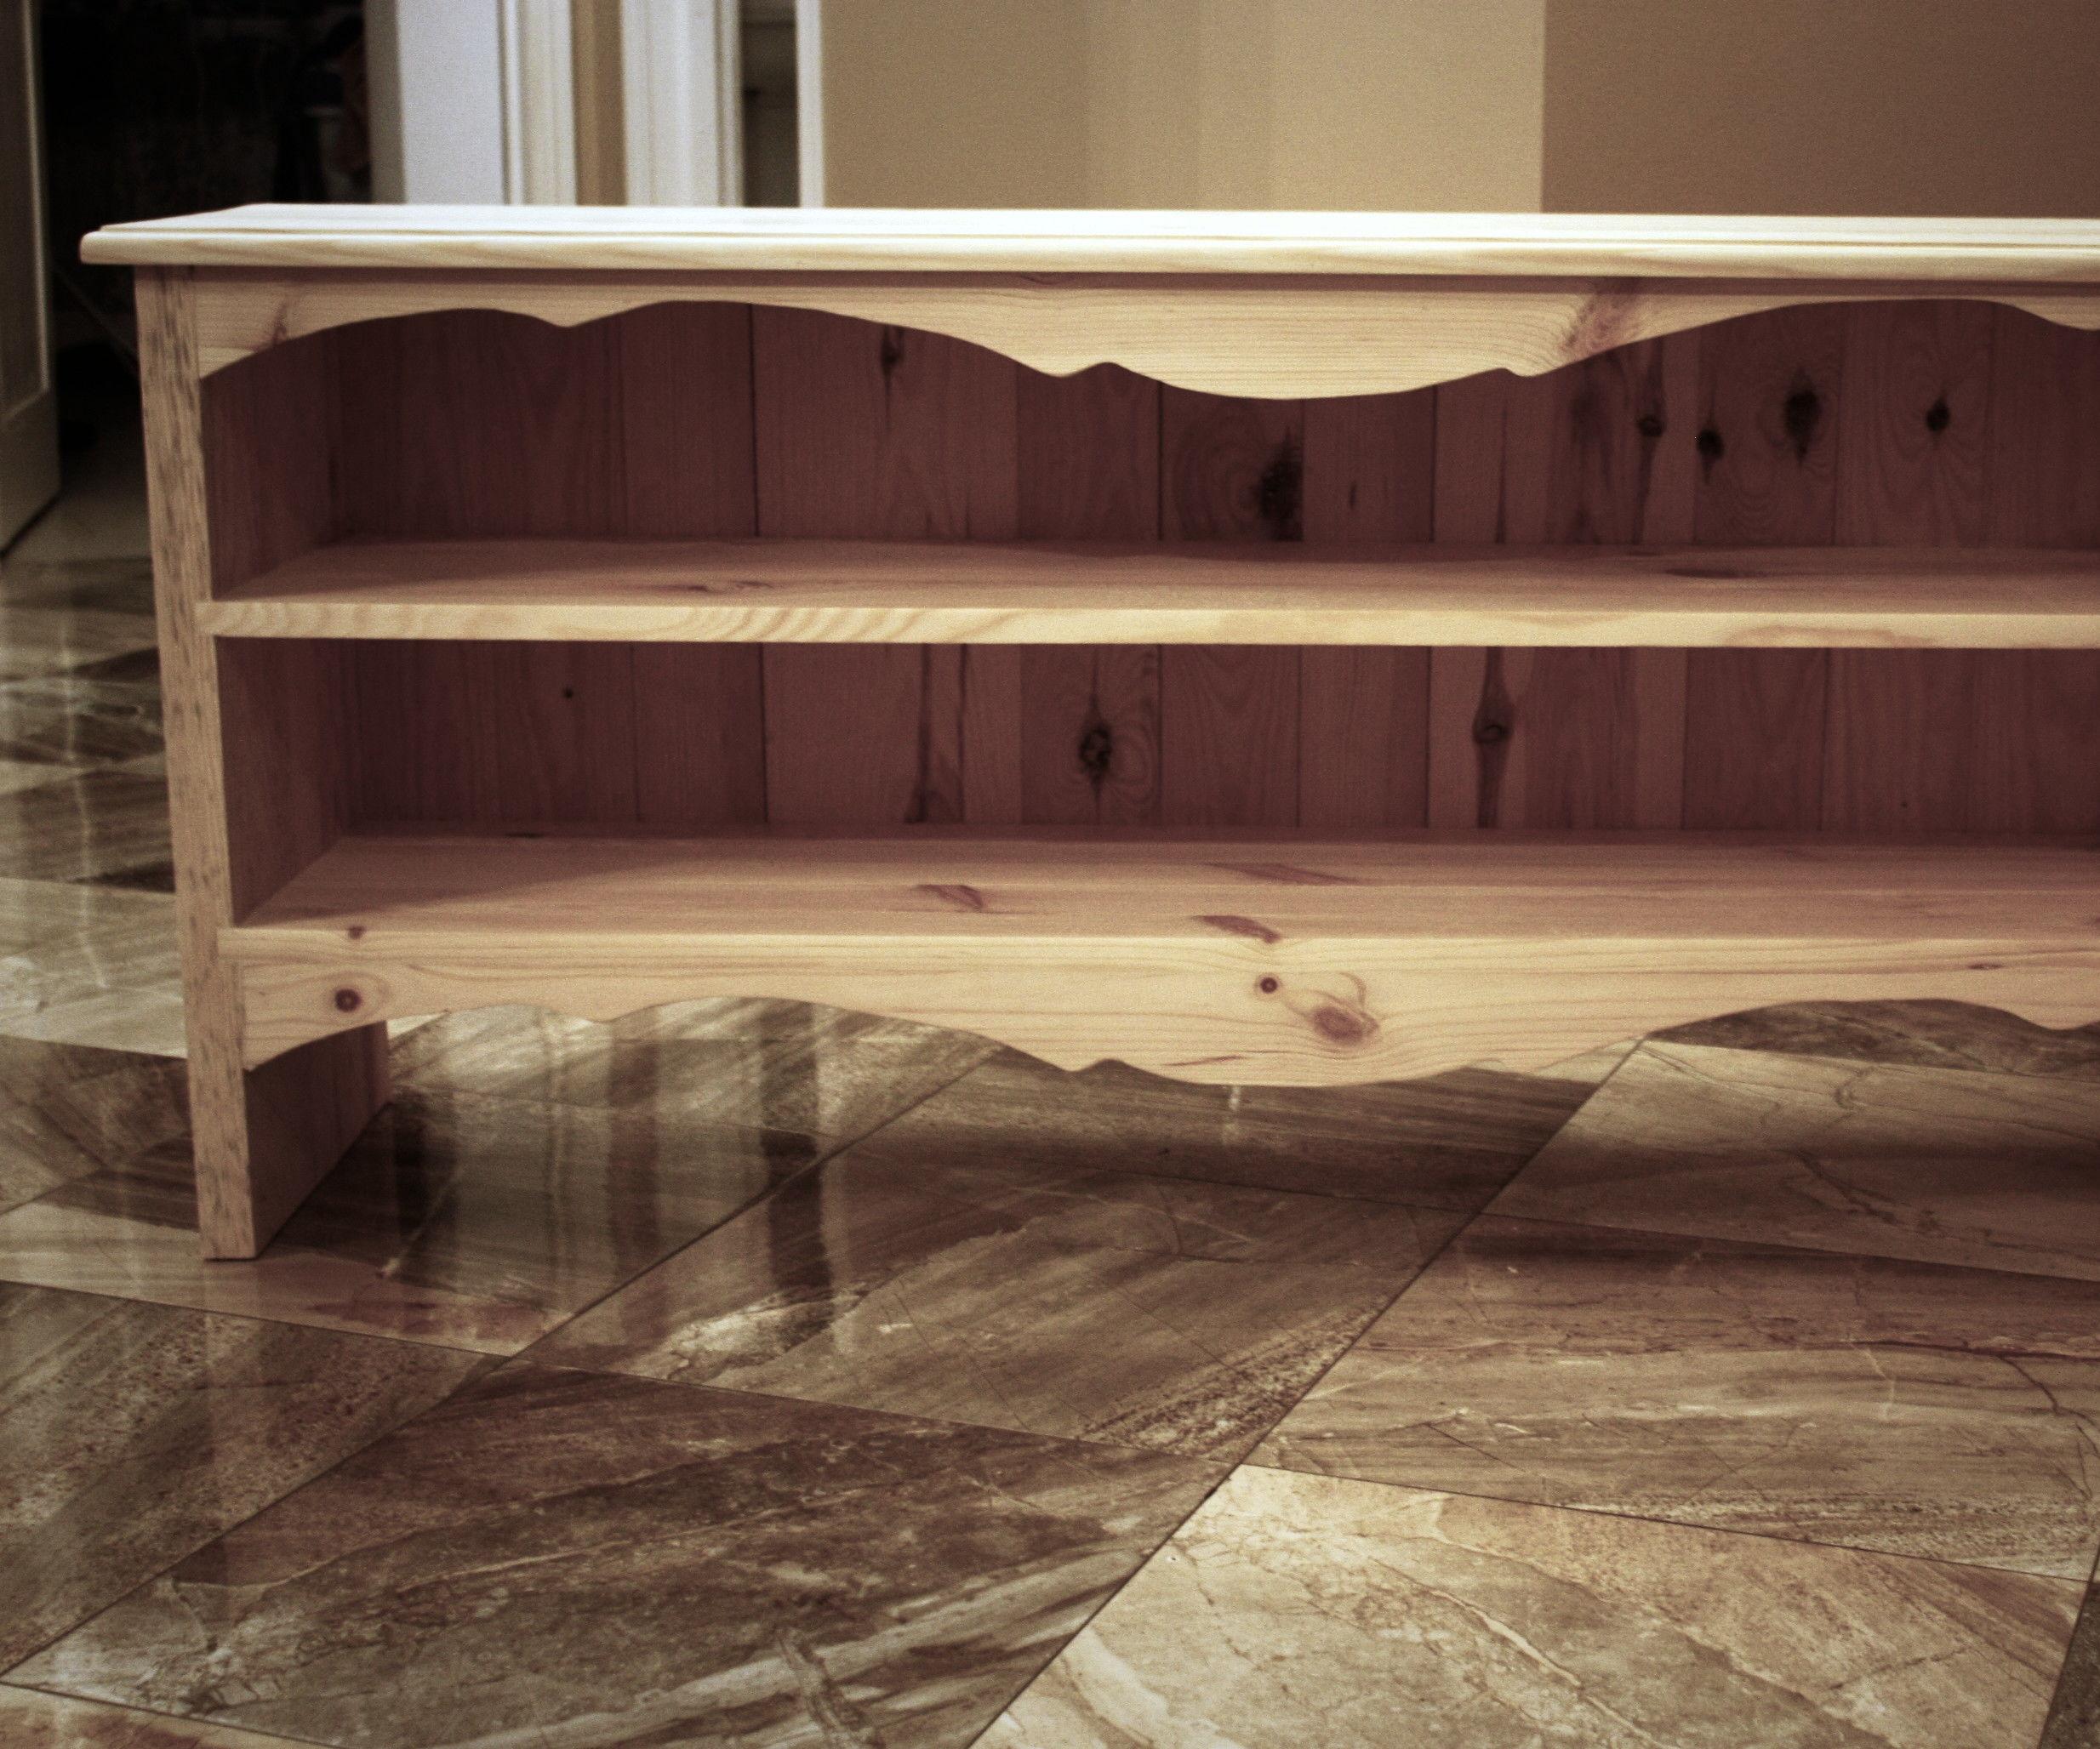 Retro/Rustic Shoe Cabinet DIY Tutorial